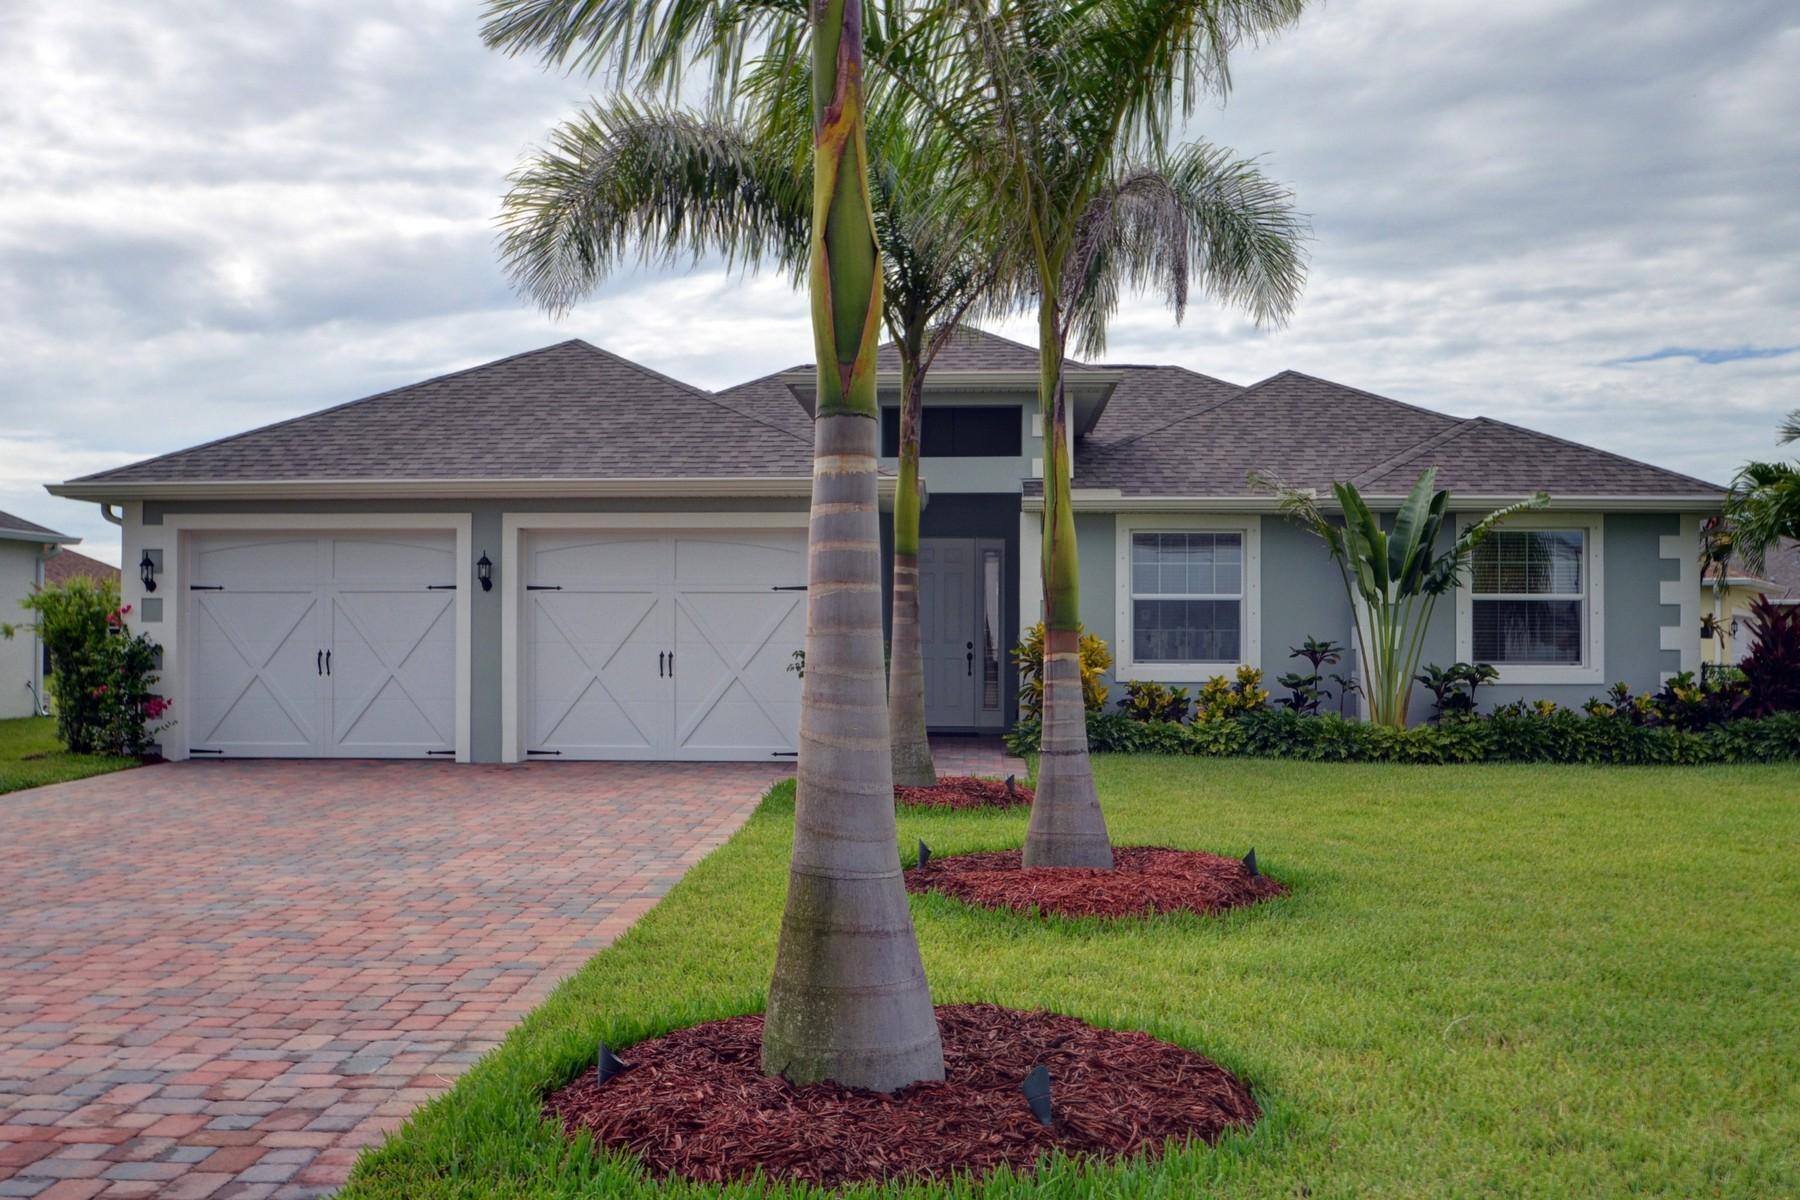 Частный односемейный дом для того Продажа на Like New Custom Home 615 Gossamer Wing Way Sebastian, Флорида, 32958 Соединенные Штаты